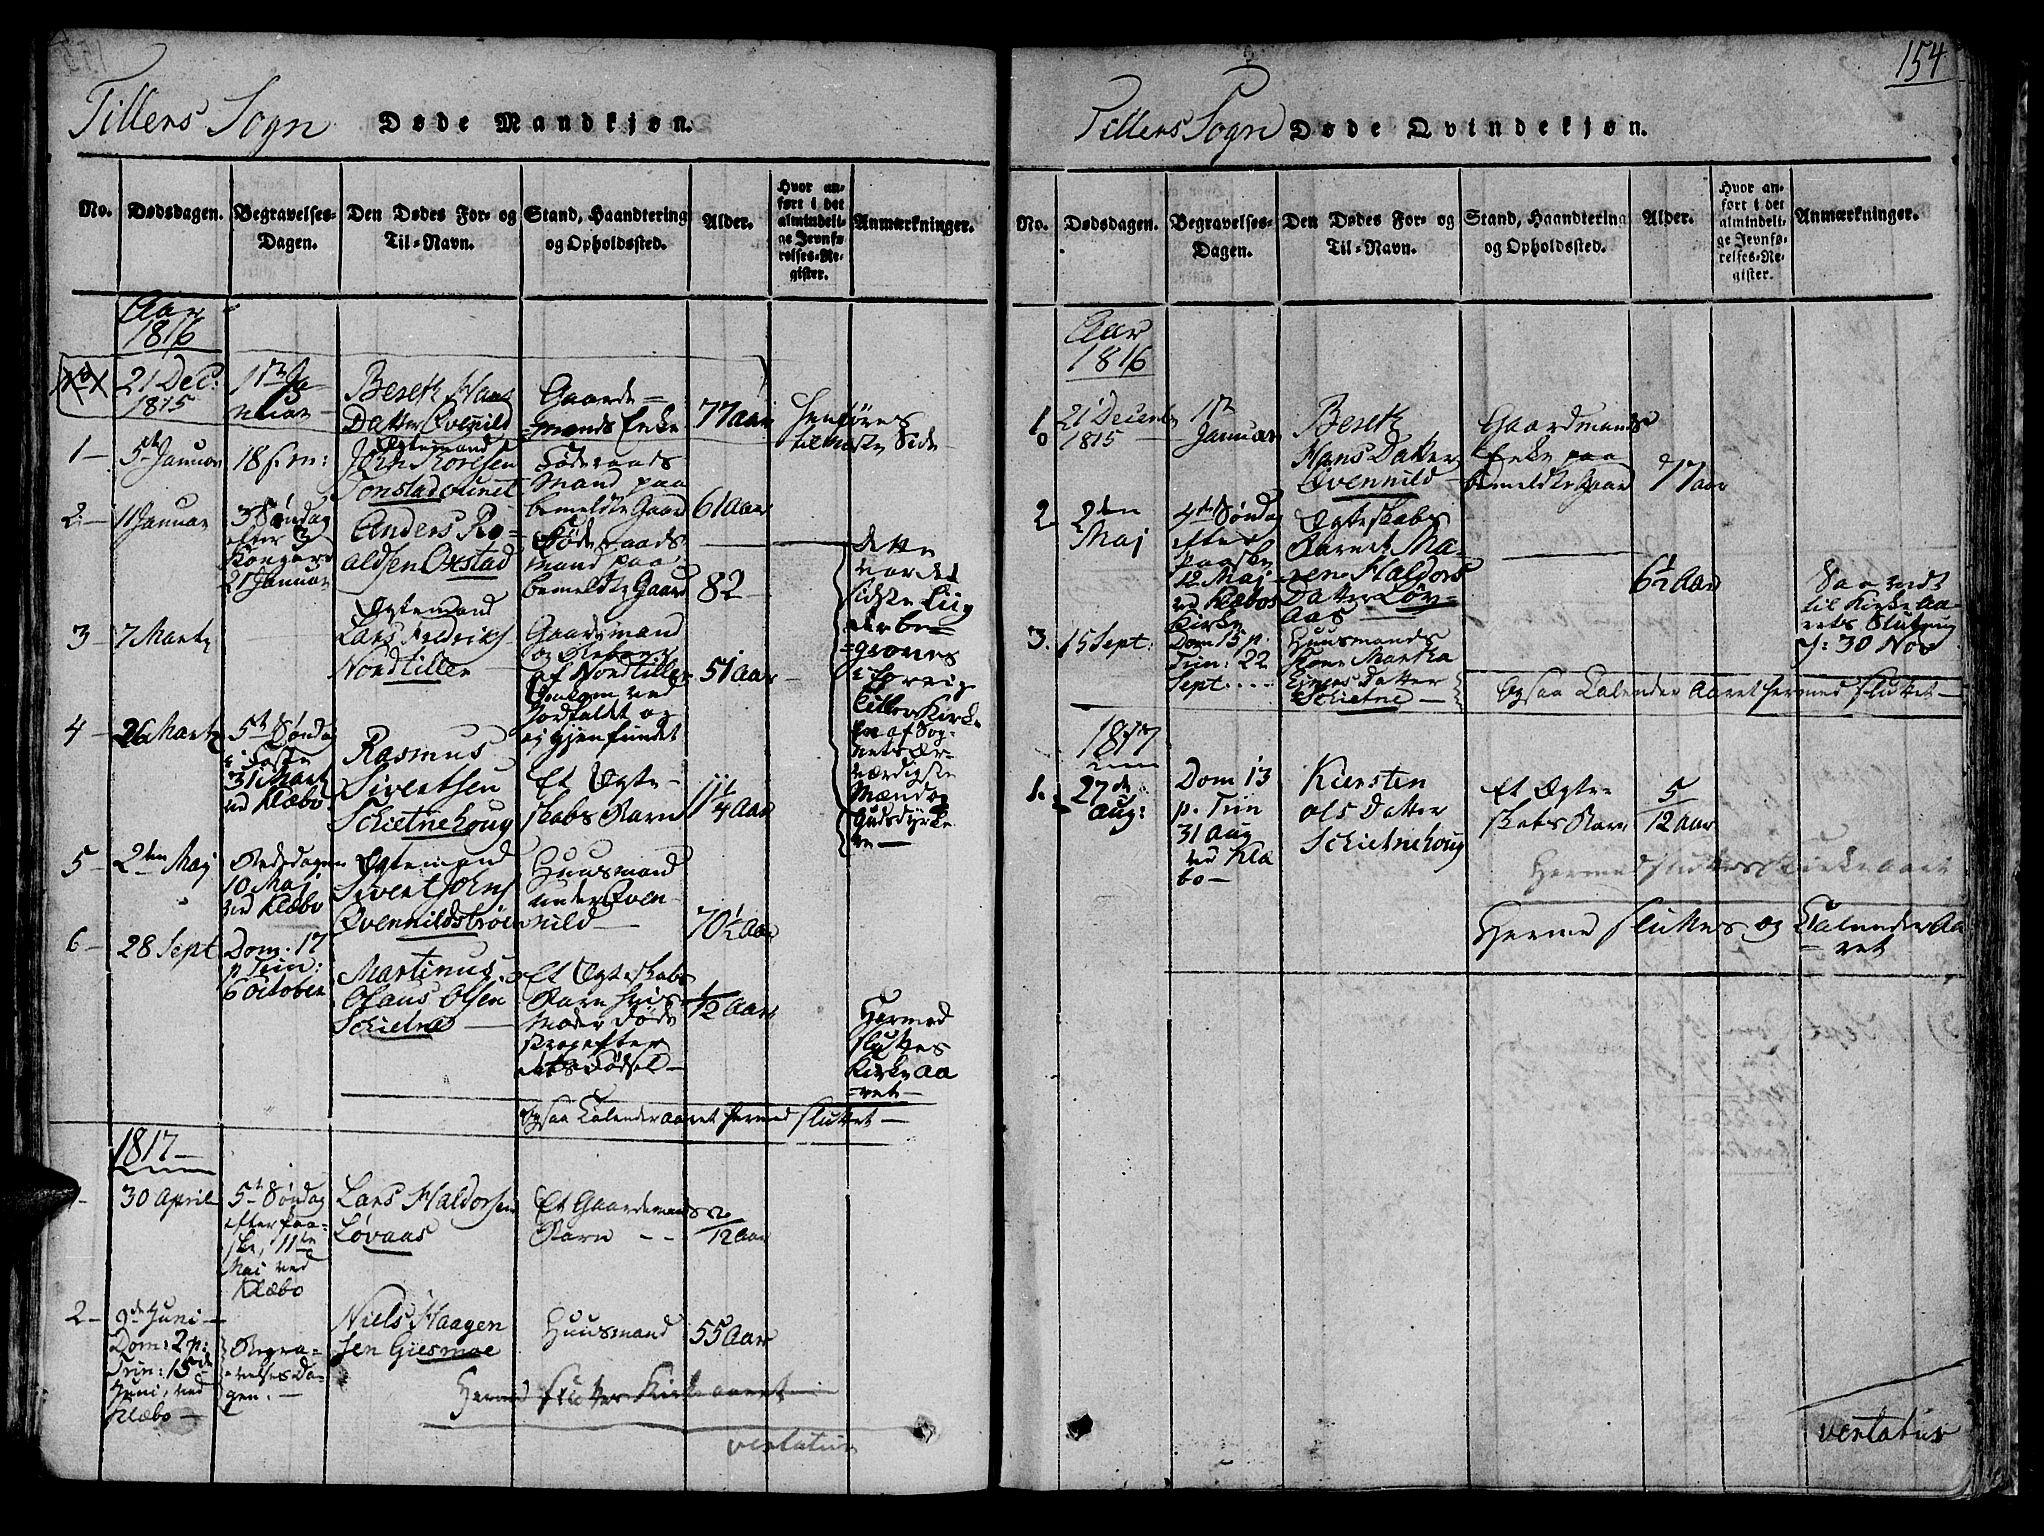 SAT, Ministerialprotokoller, klokkerbøker og fødselsregistre - Sør-Trøndelag, 618/L0440: Ministerialbok nr. 618A04 /2, 1816-1843, s. 154